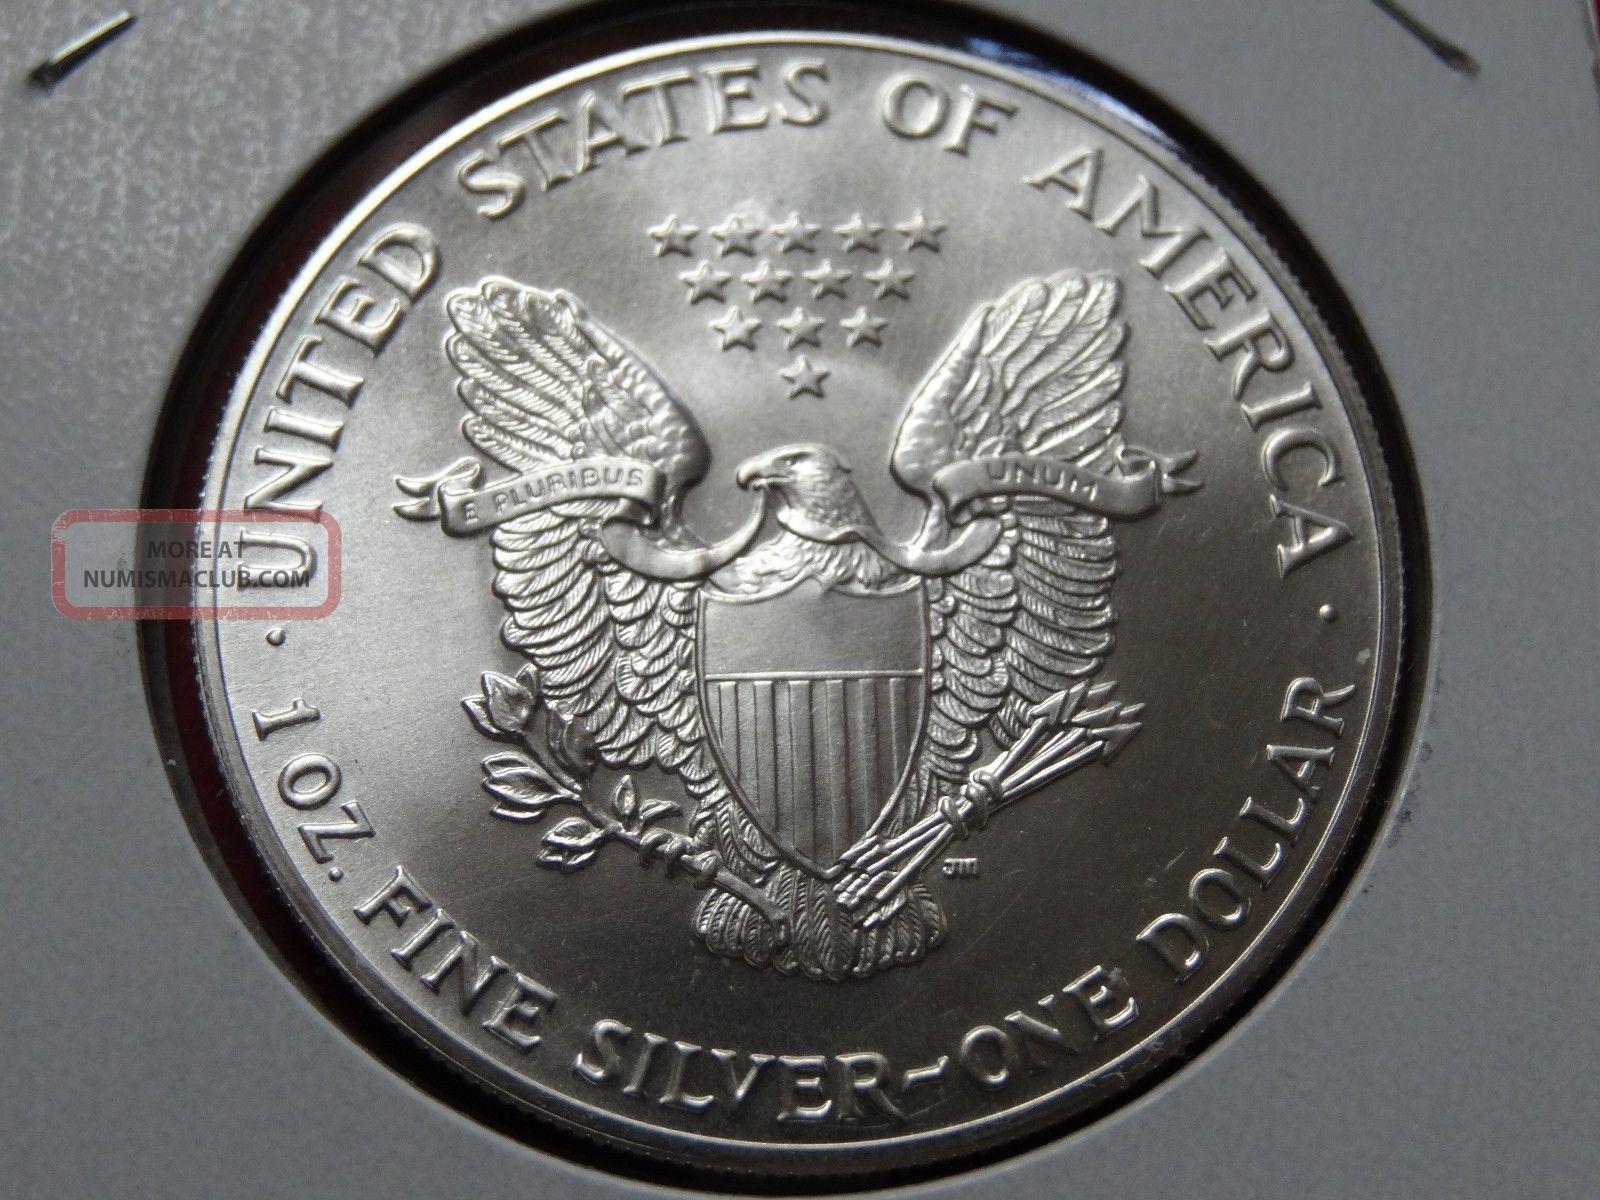 1986 American Unc 99 9 Silver Eagle Dollar 44